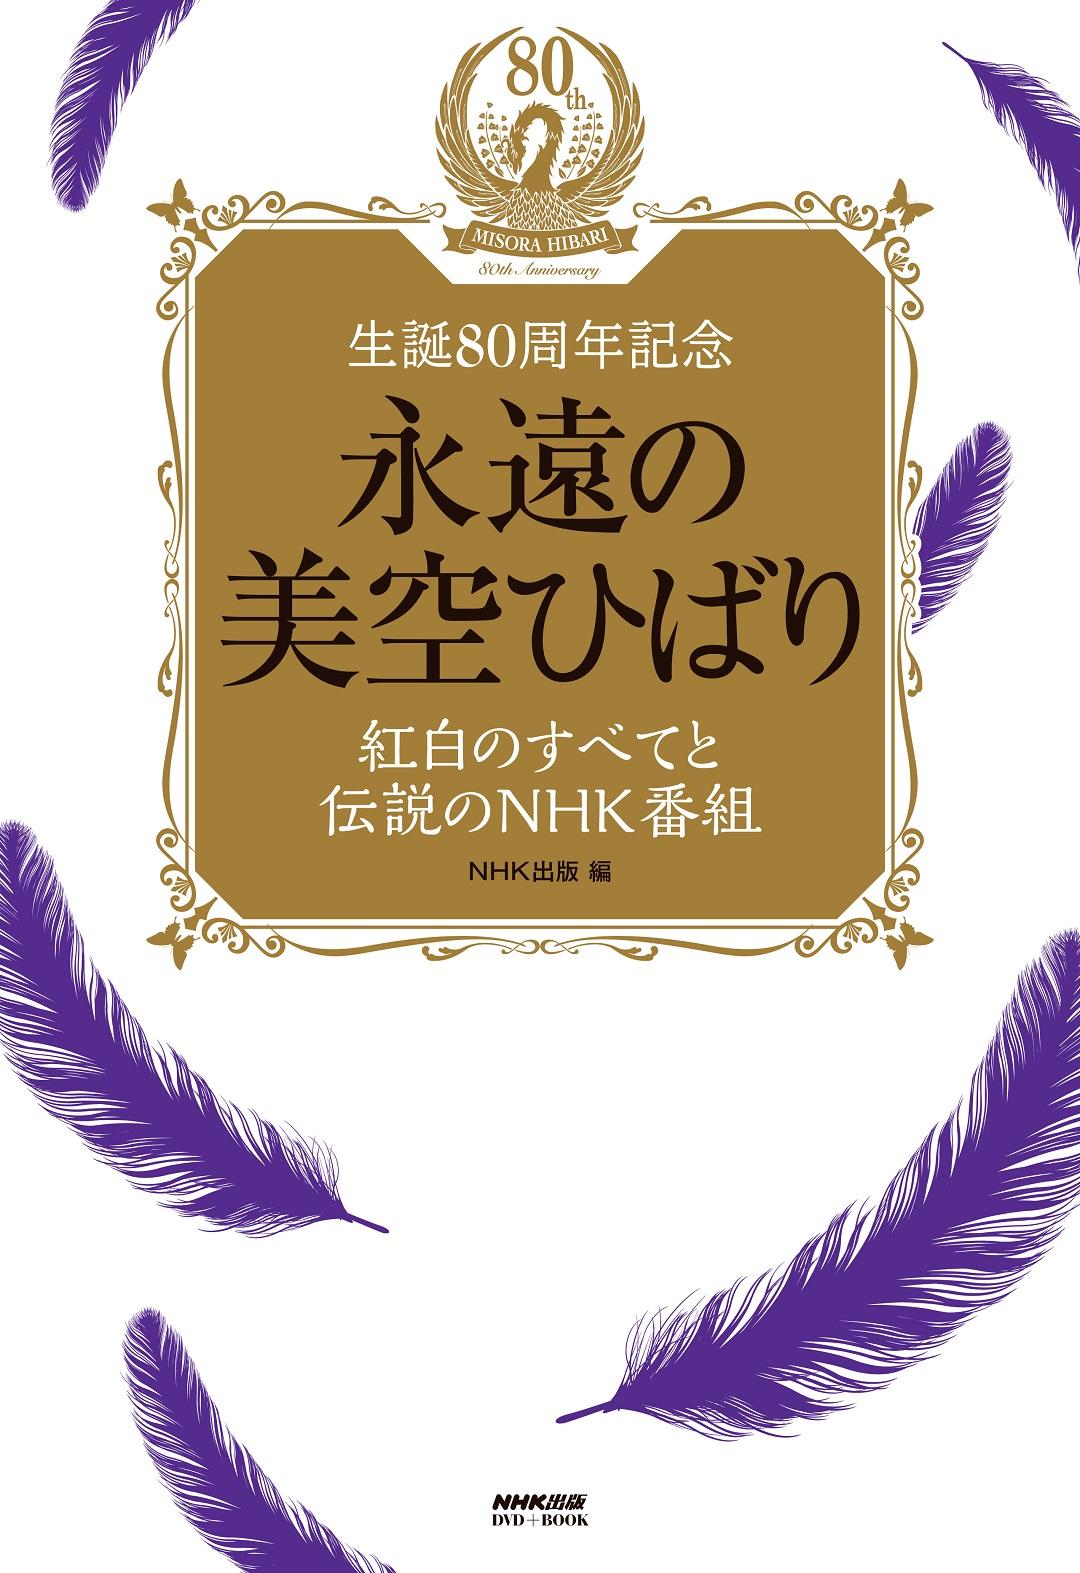 DVD BOOK『美空ひばり 生誕80周年記念 永遠の美空ひばり』